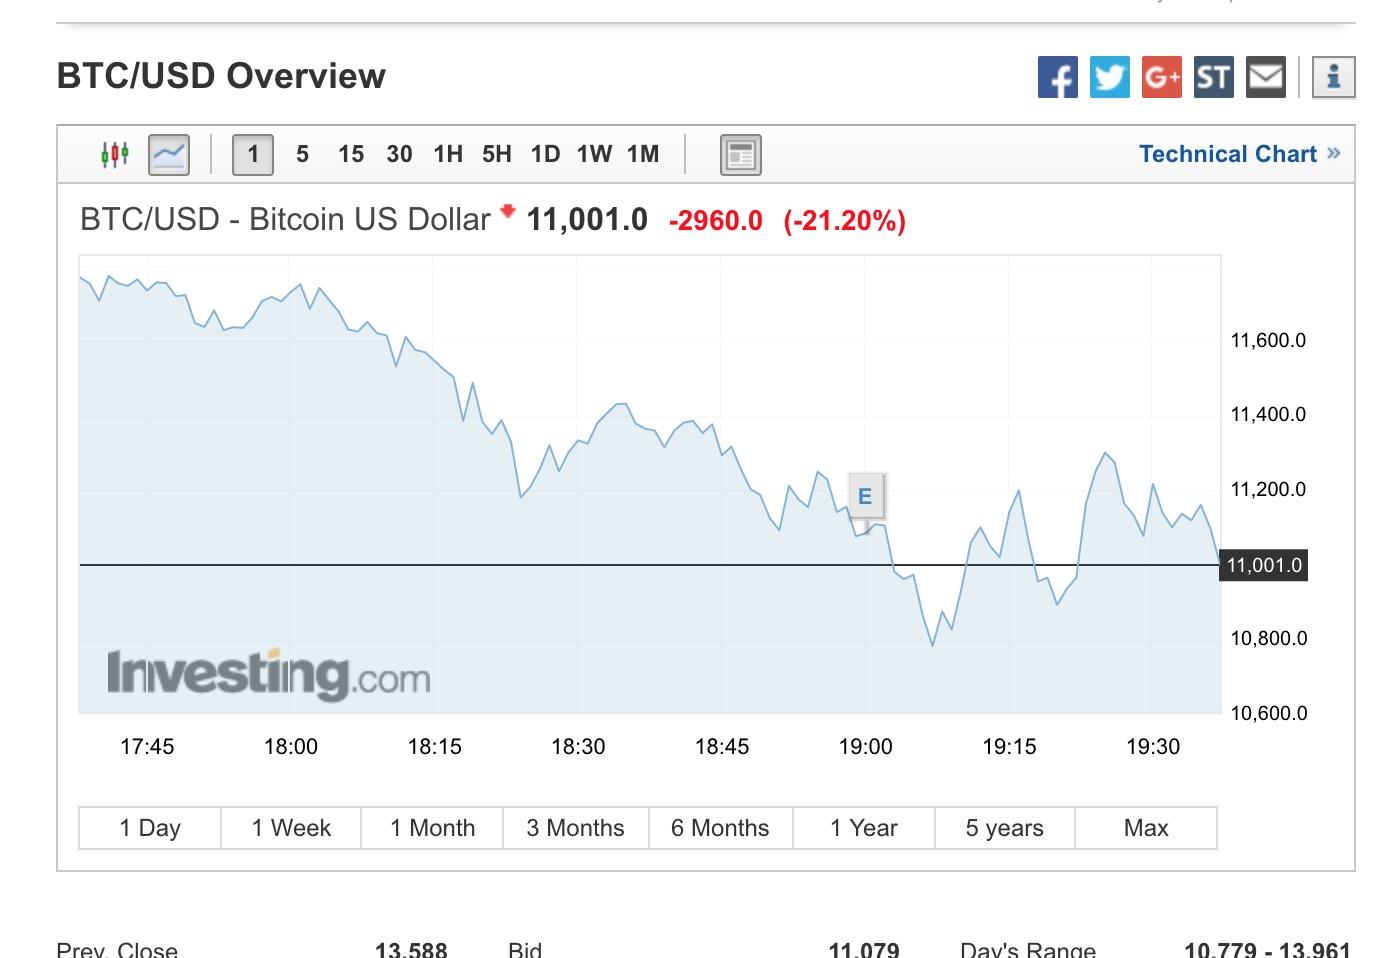 bitcoin si avvicina pericolosamente ai 10 mila euro se investo 5000 in bitcoin in questo momento, cosa farà tra poco